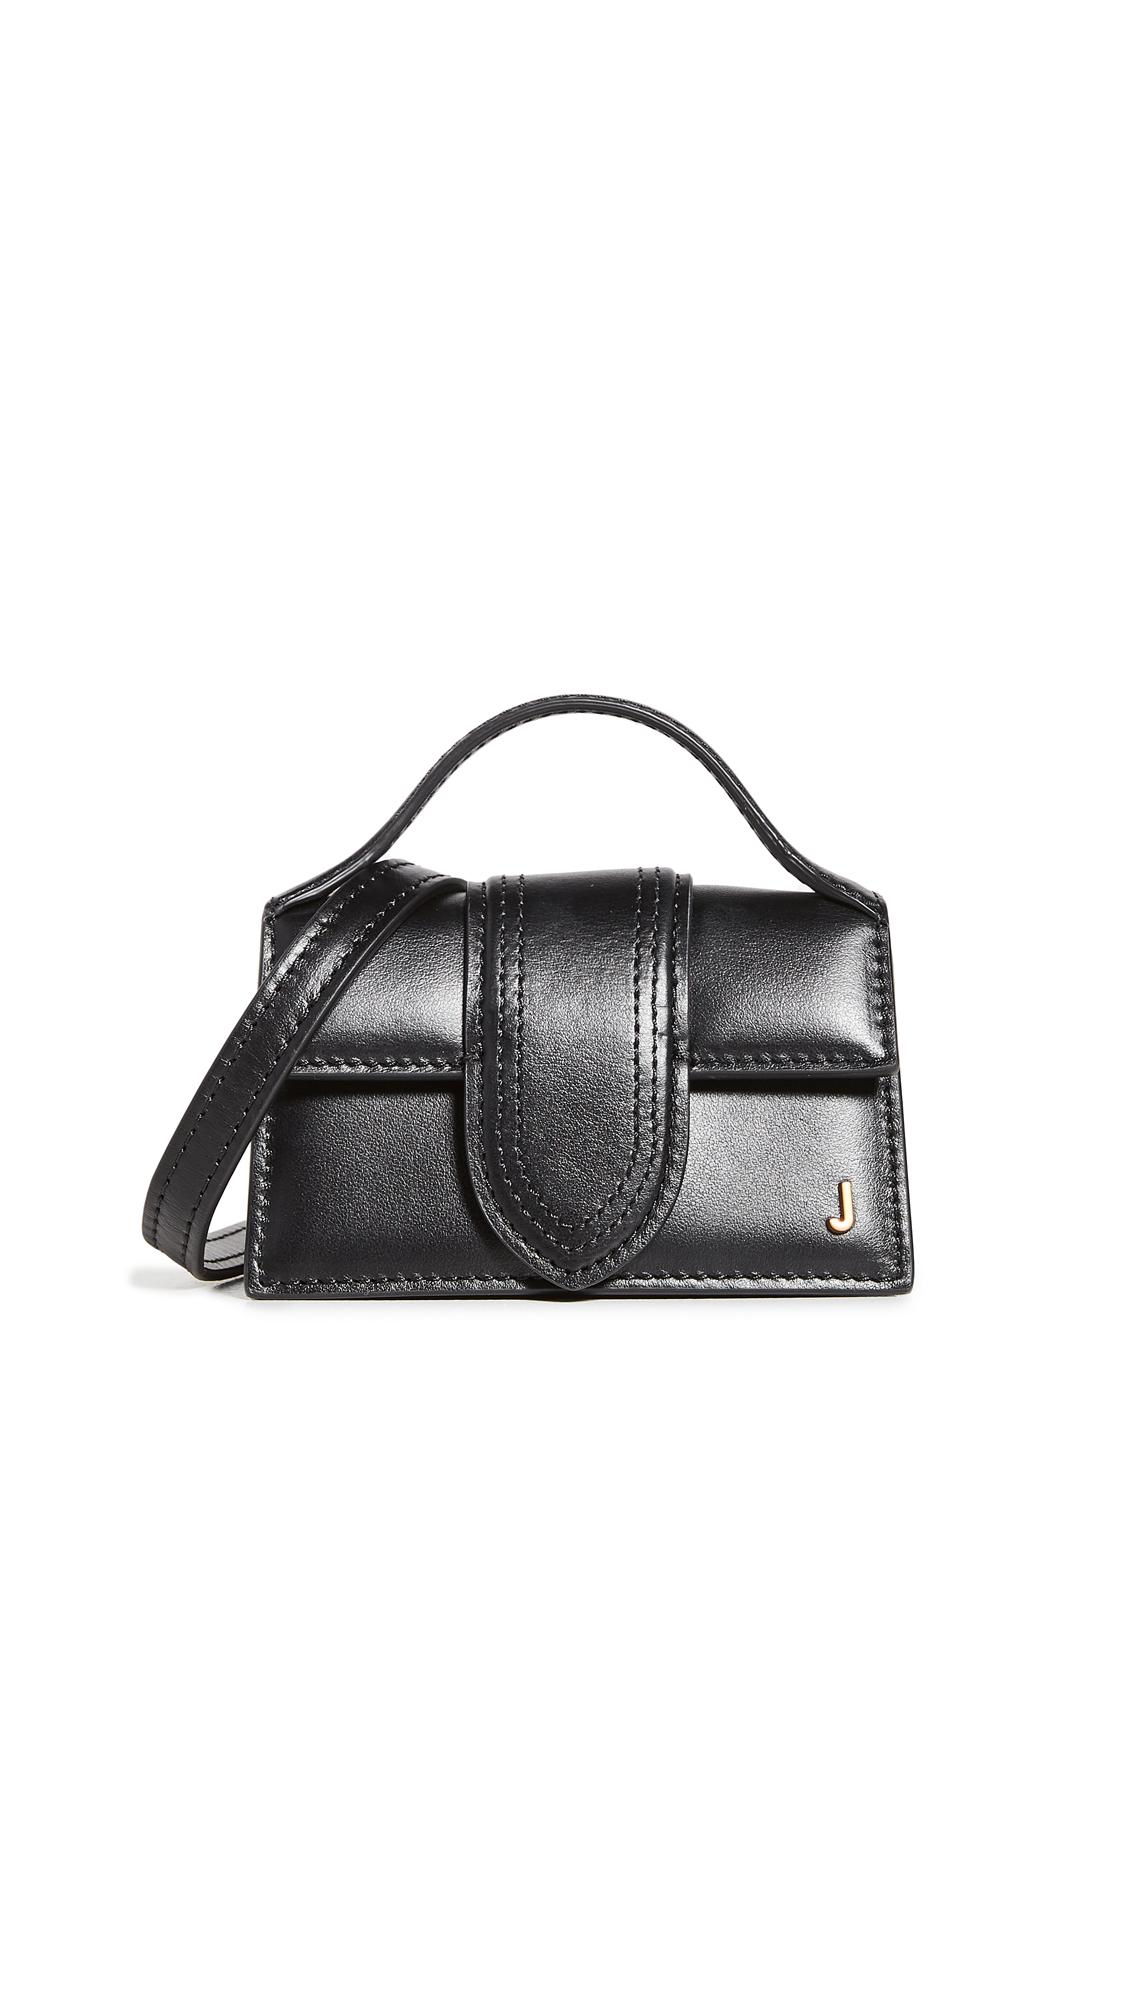 Jacquemus Black Le Petit Bambino Leather Mini Bag